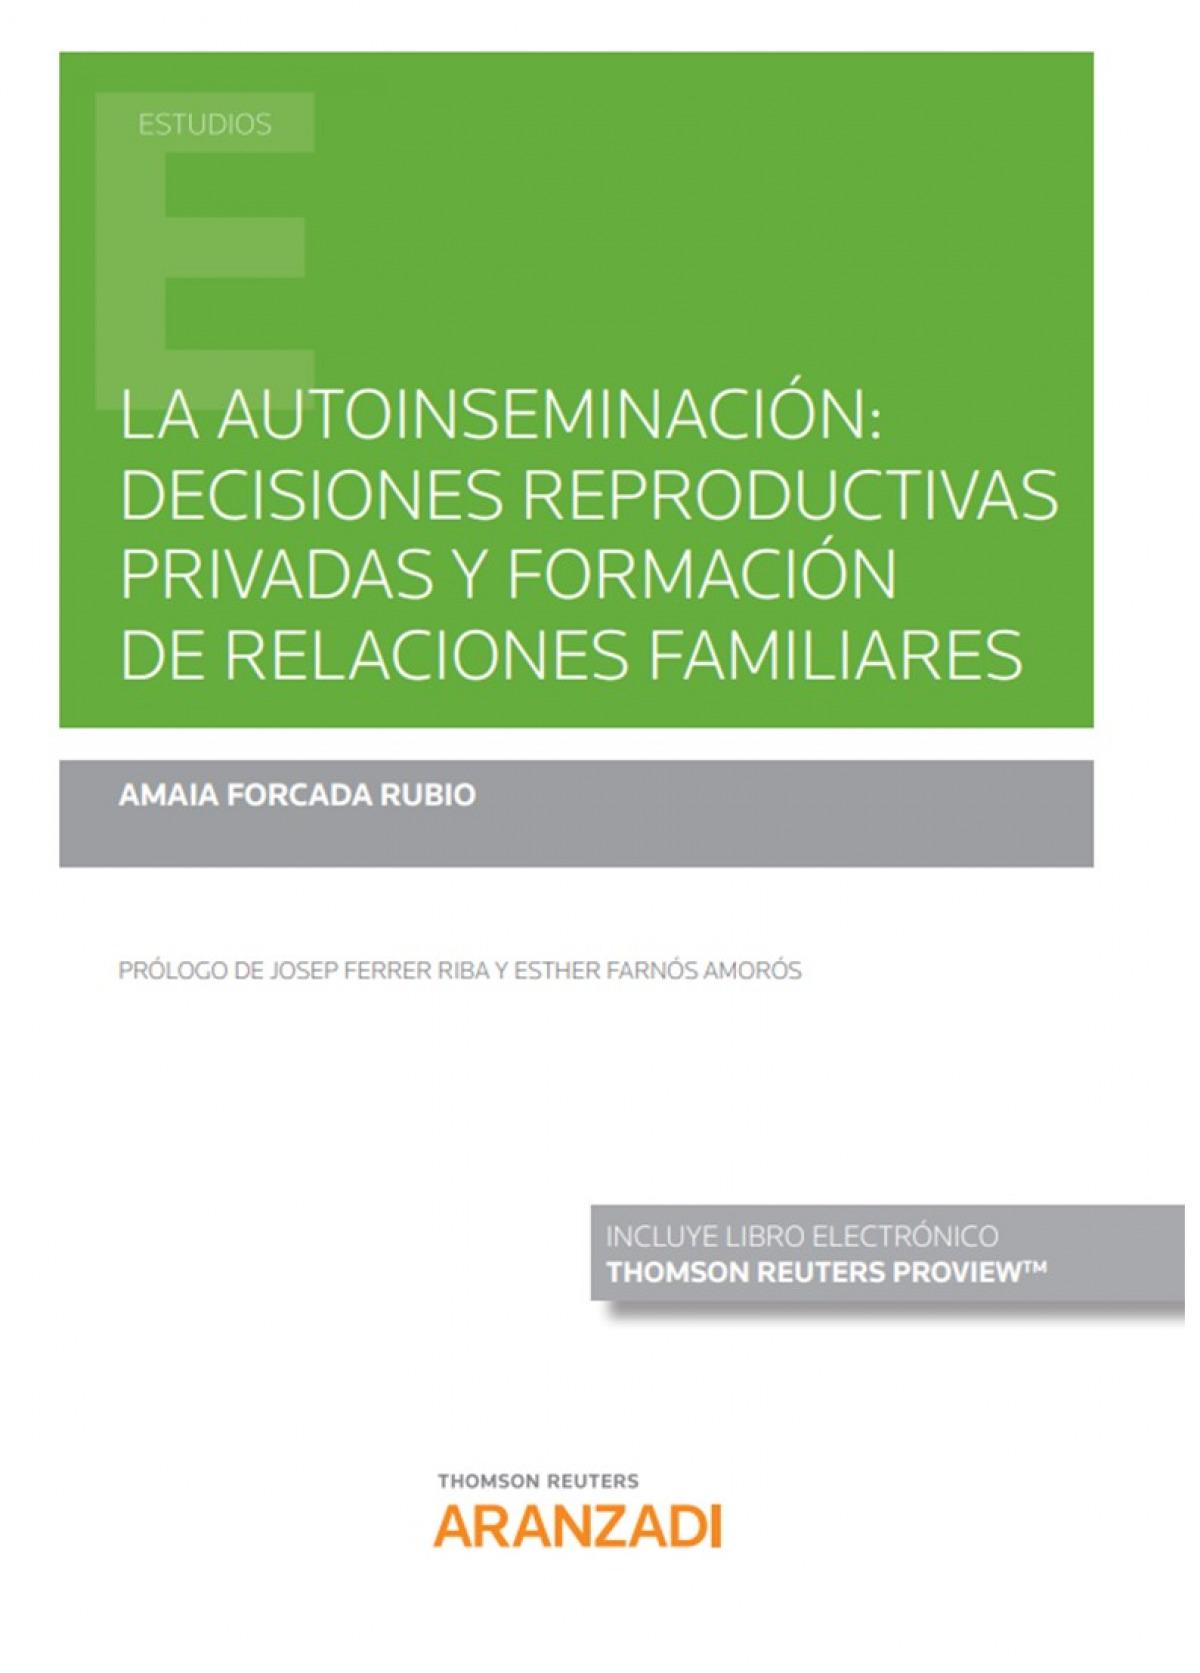 AUTOINSEMINACION DECISIONES REPRODUCTIVAS PRIVADAS FORMACIO 9788413456188